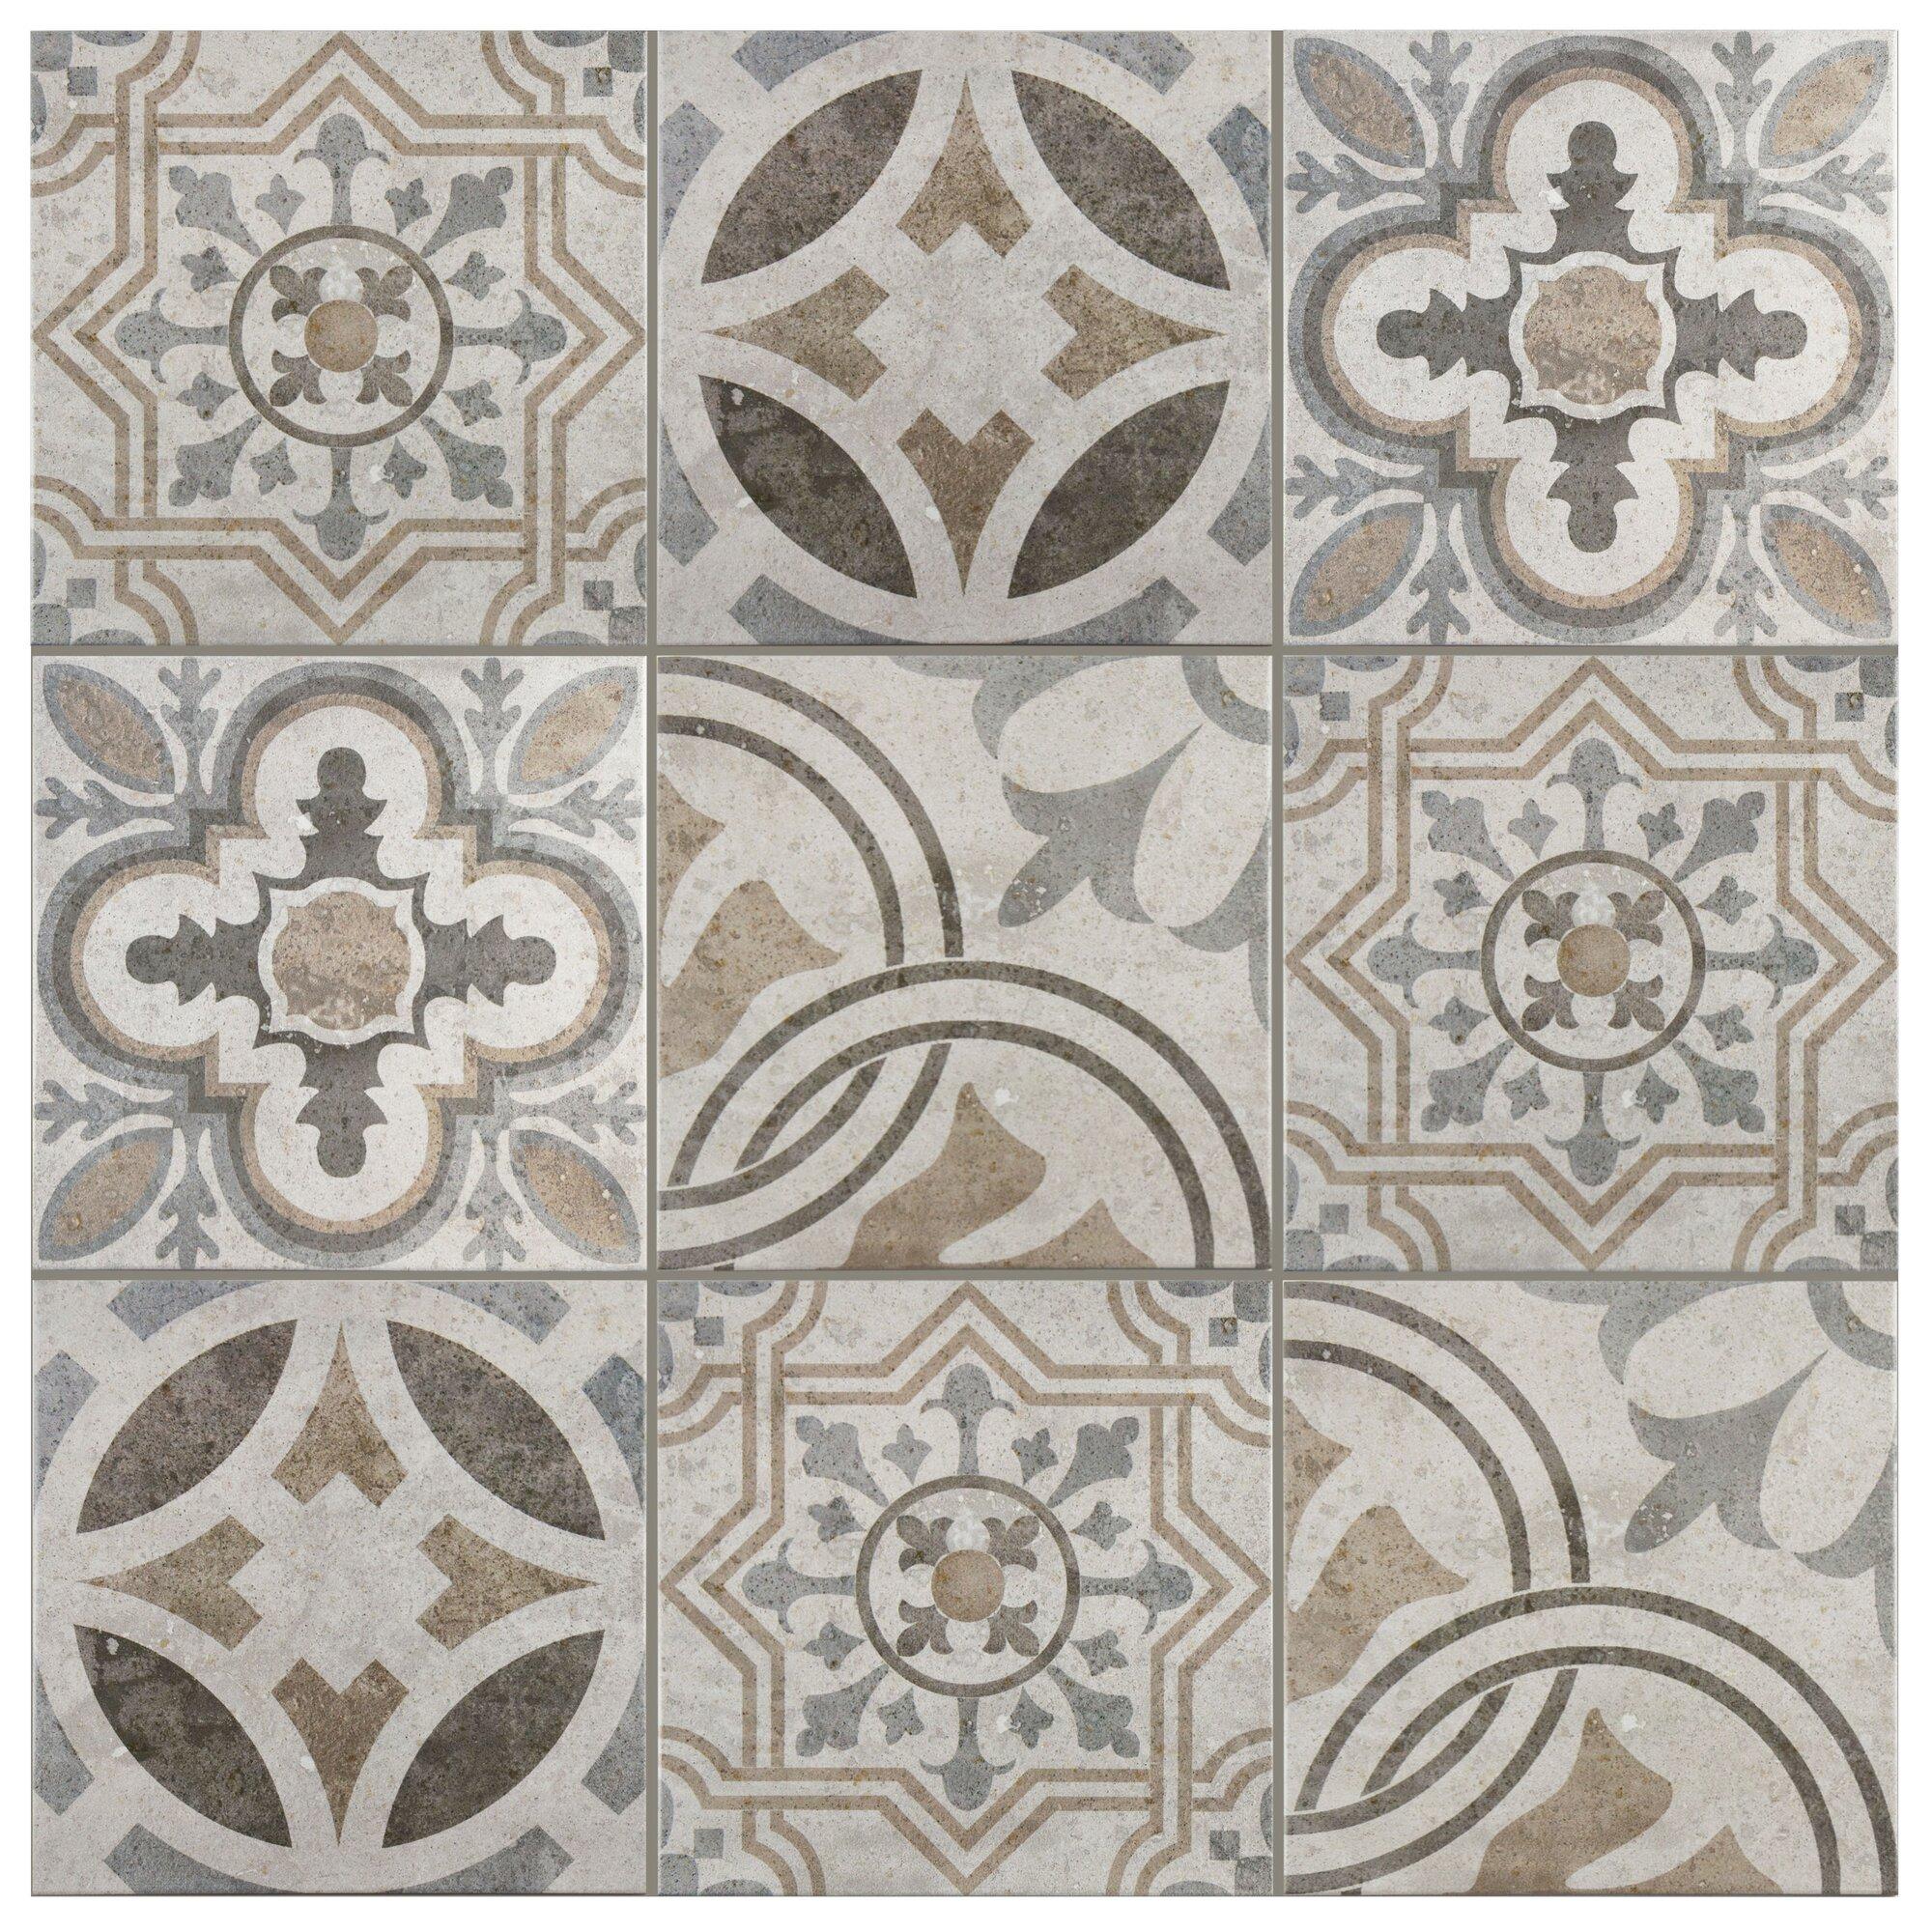 Rona 13 13 Quot X 13 13 Quot Ceramic Field Tile Amp Reviews Joss